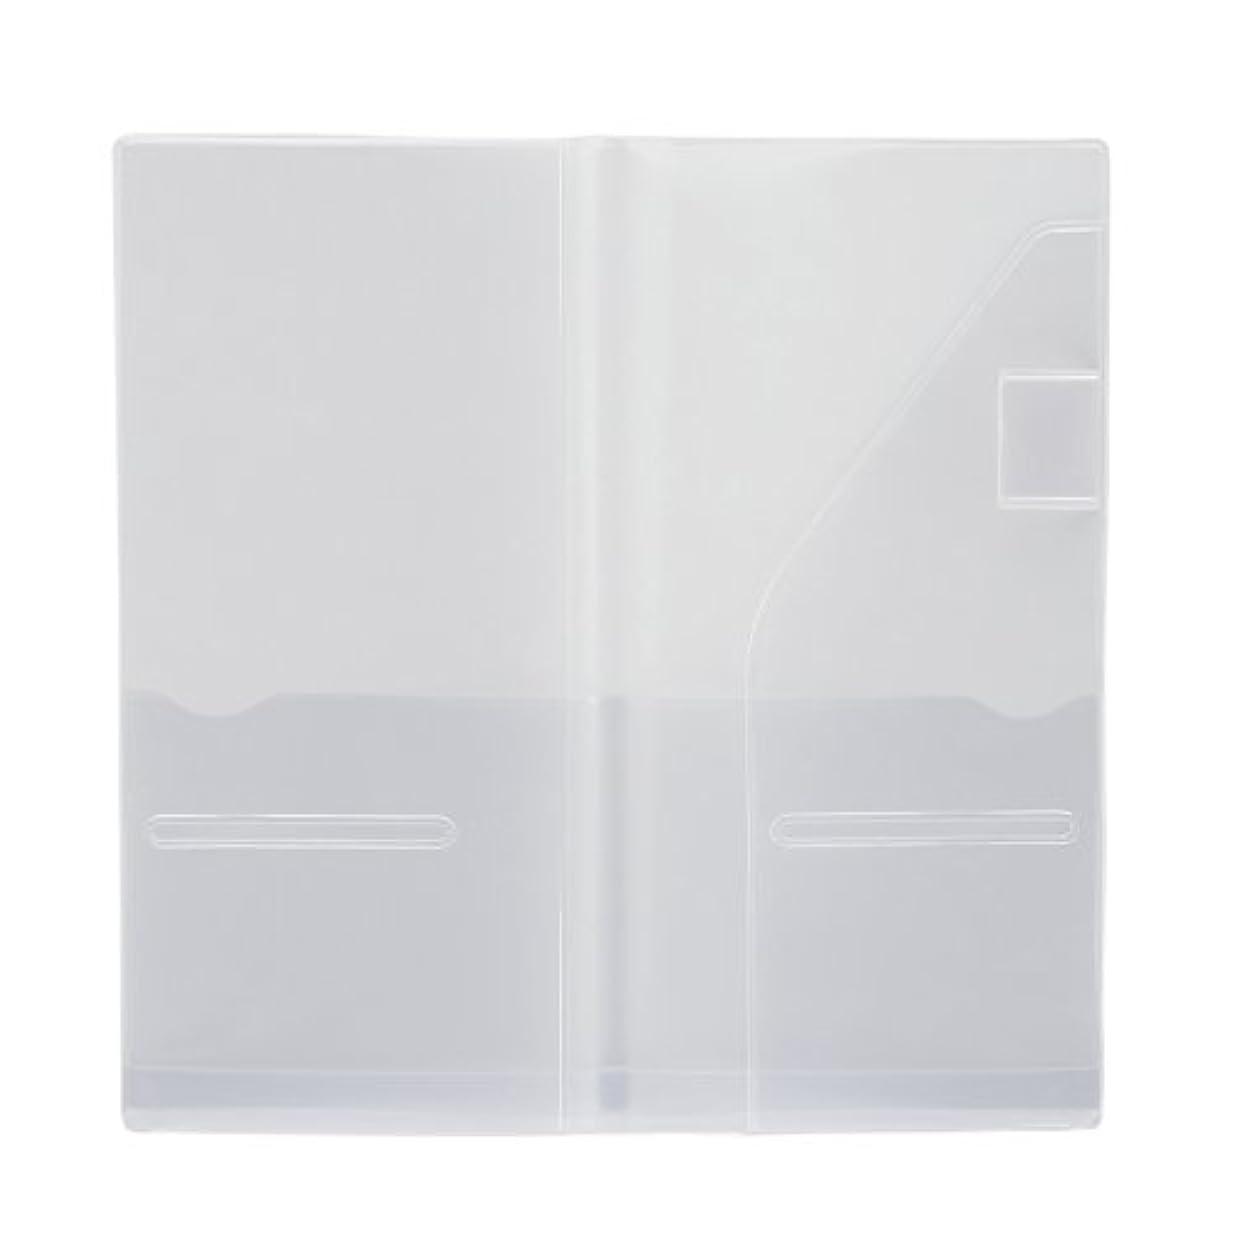 ナプキン湿原どうやらプラス メモ帳 ノートカバー カ.クリエ A4×1/3 カバー 1冊用 77-918